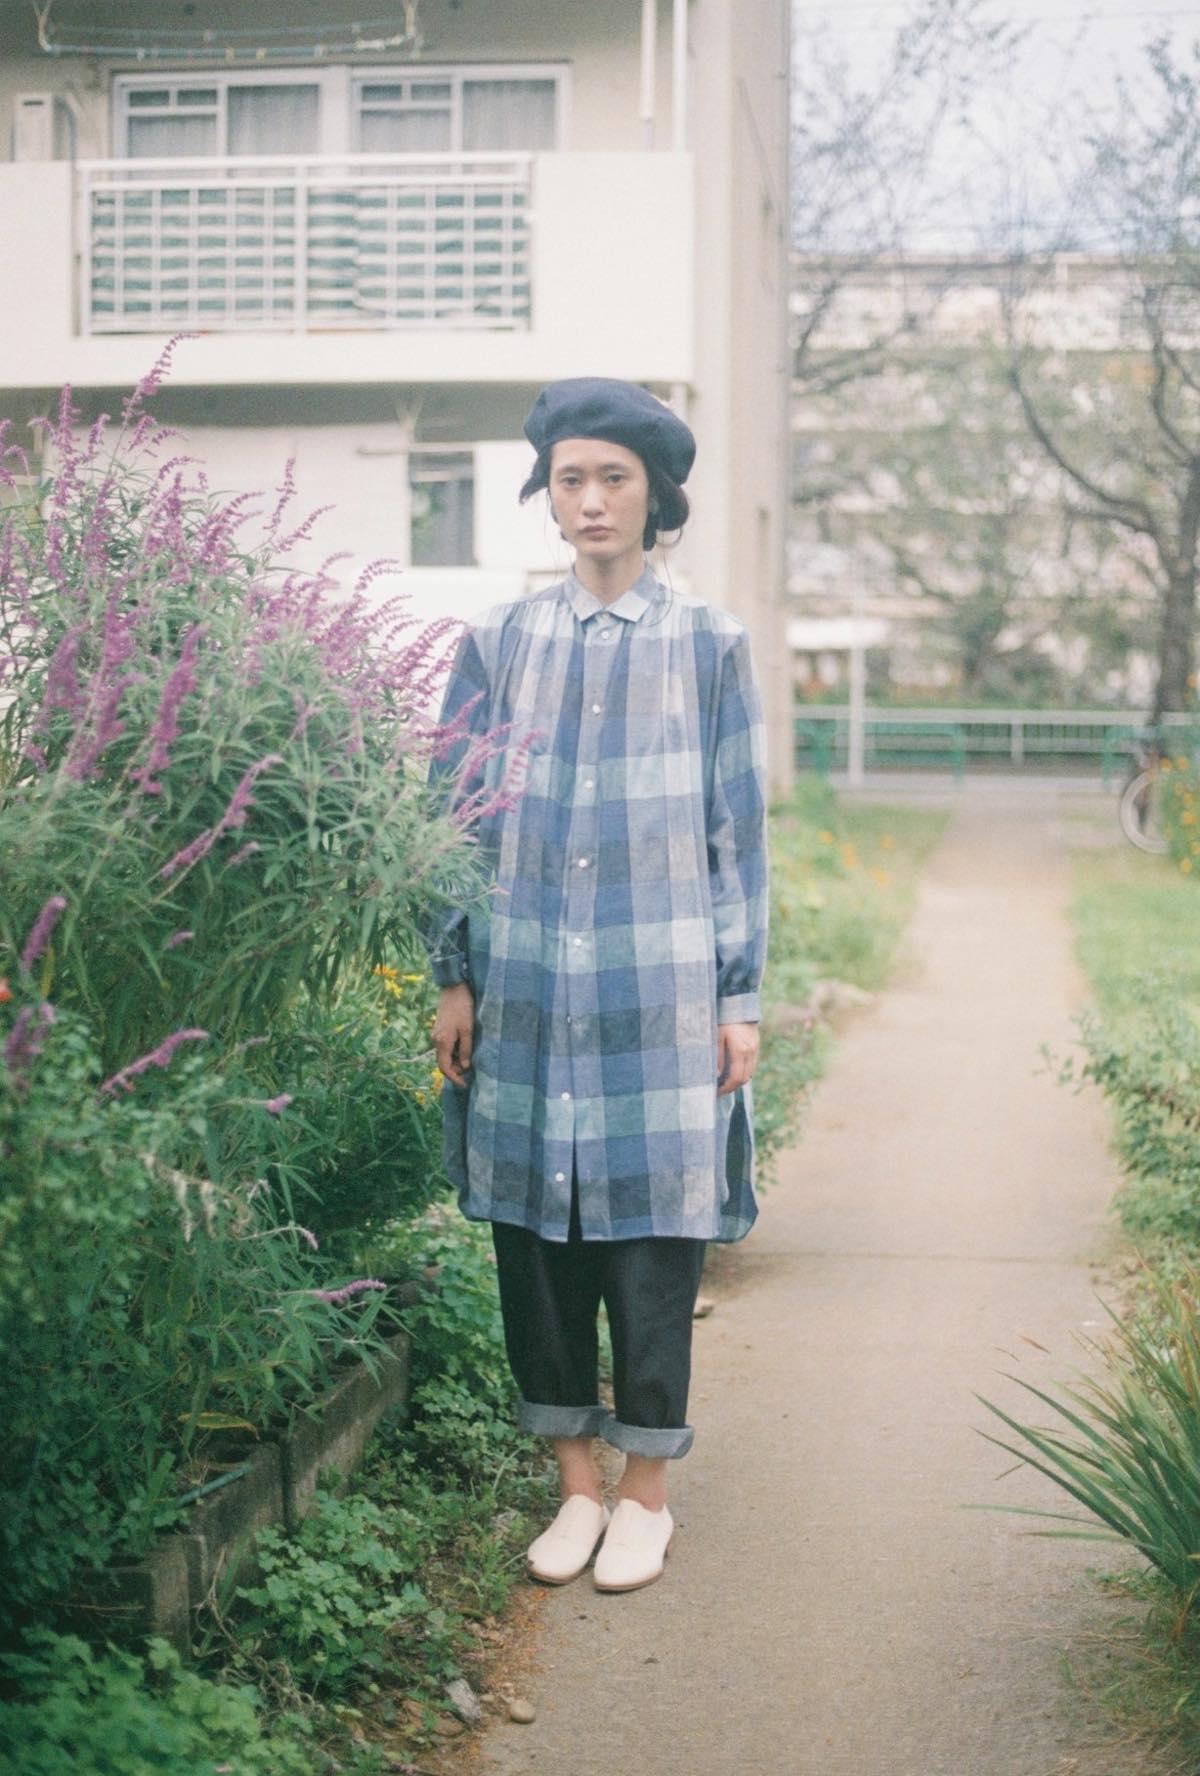 rikolekt(リコレクト)の2017年春夏コレクション。テーマは「here」。